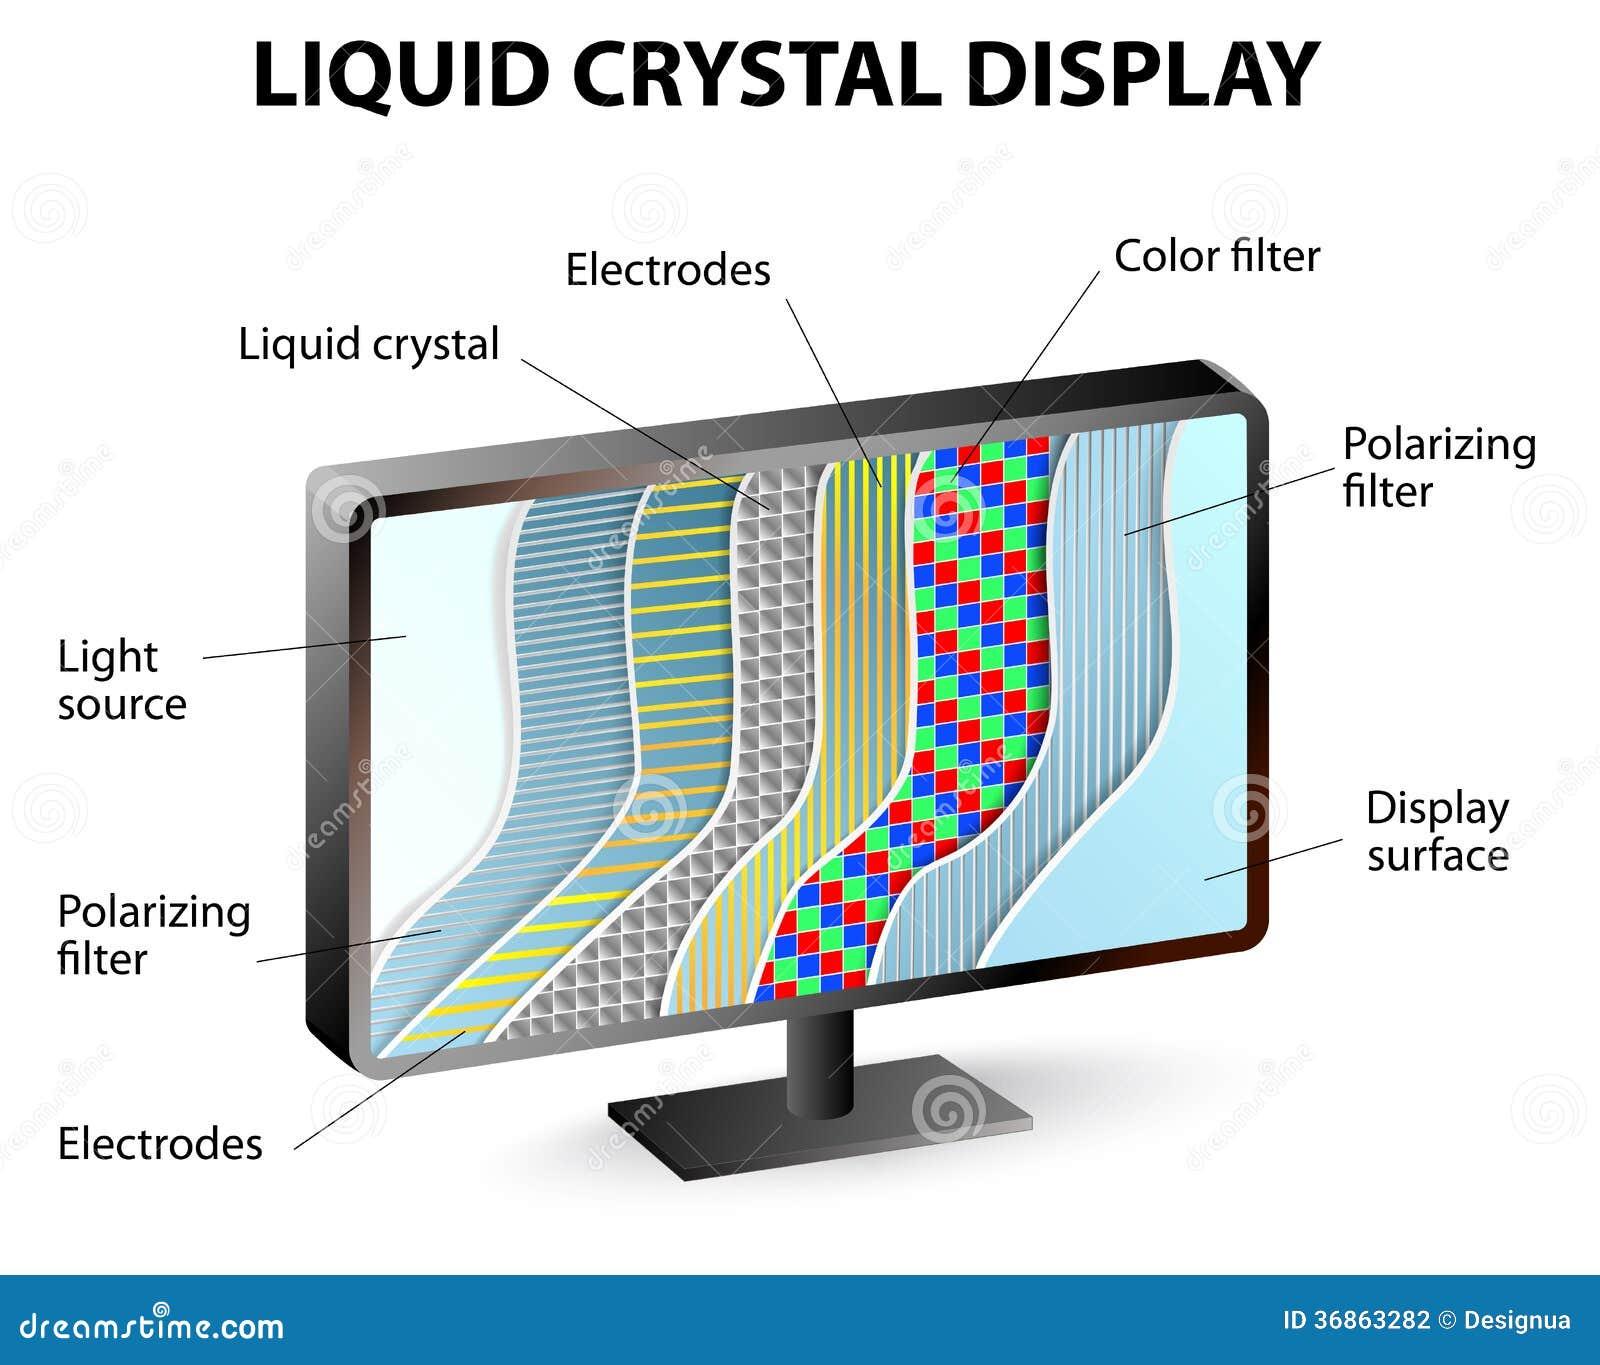 Lcd Screen Diagram - DIY Wiring Diagrams •